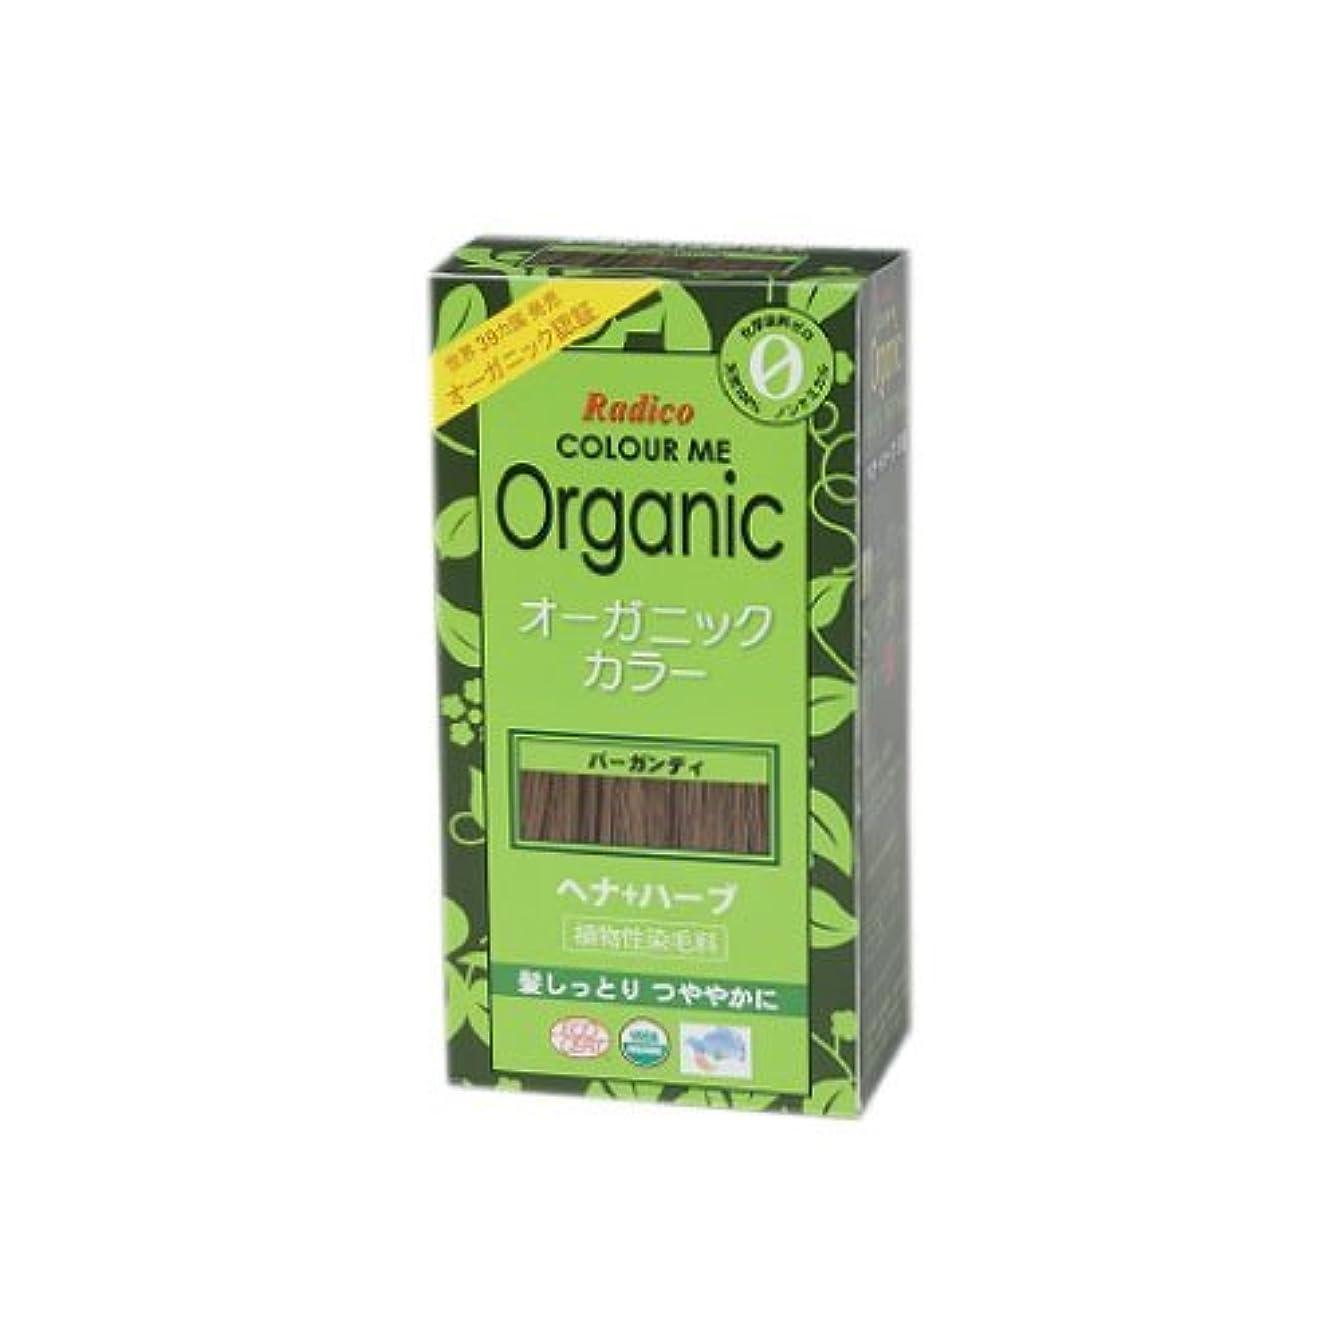 郊外創傷純度COLOURME Organic (カラーミーオーガニック ヘナ 白髪用) バーガンディ 100g